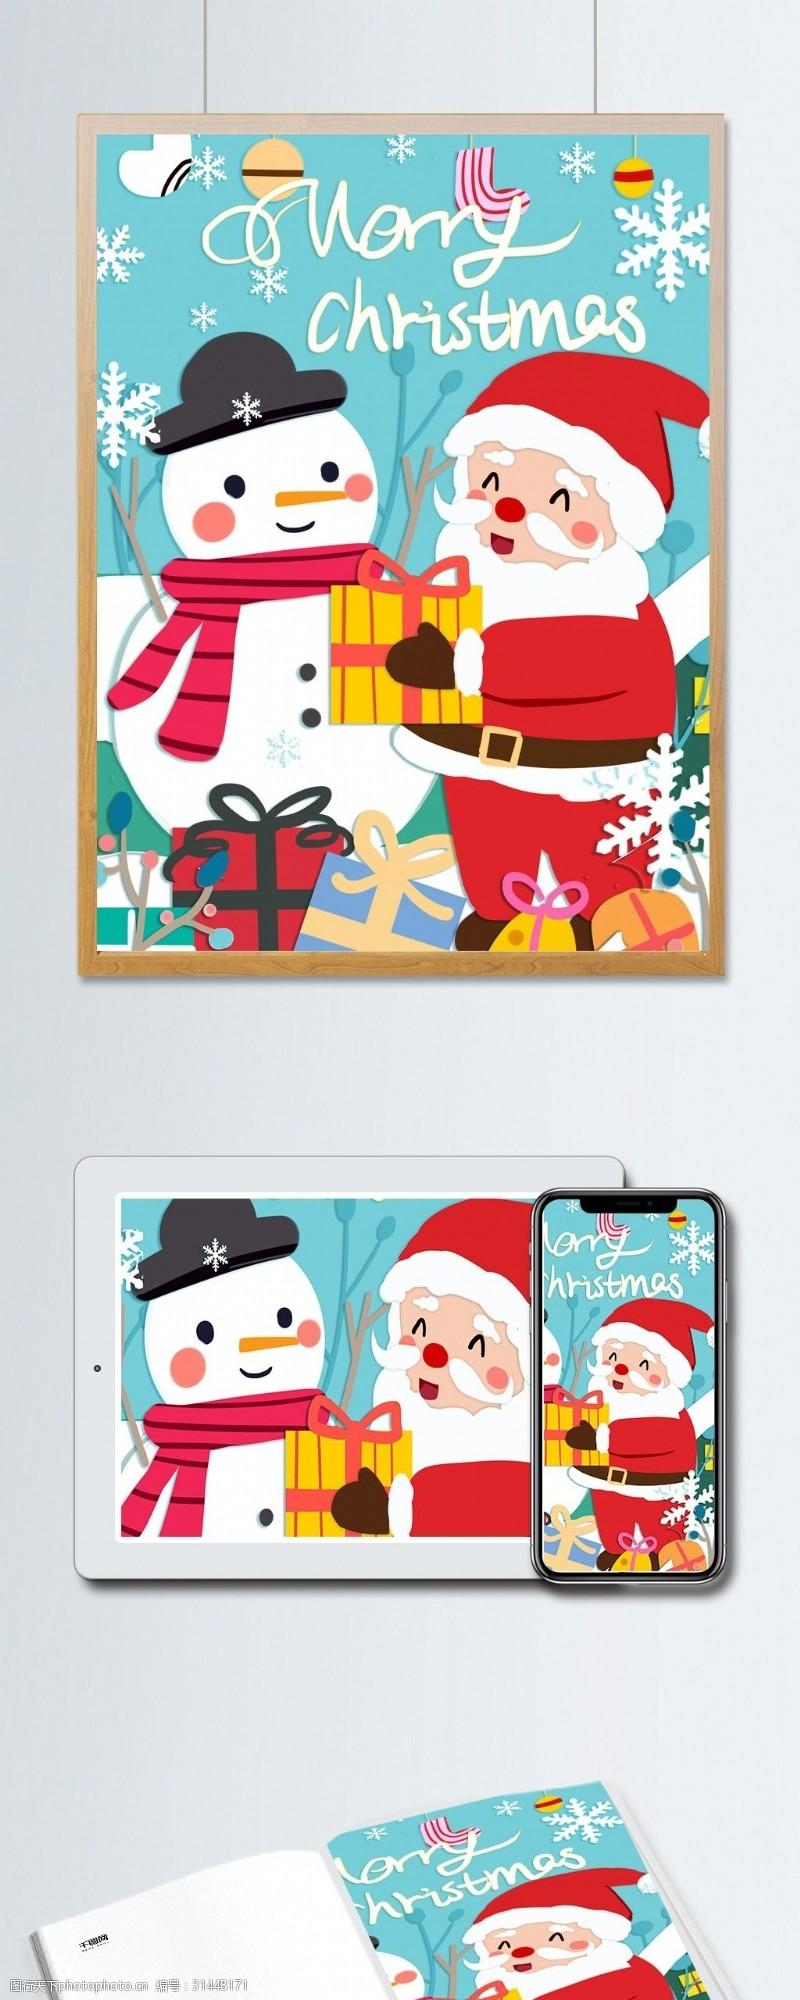 贺卡风圣诞节圣诞老人与雪人可爱温暖剪纸风插画